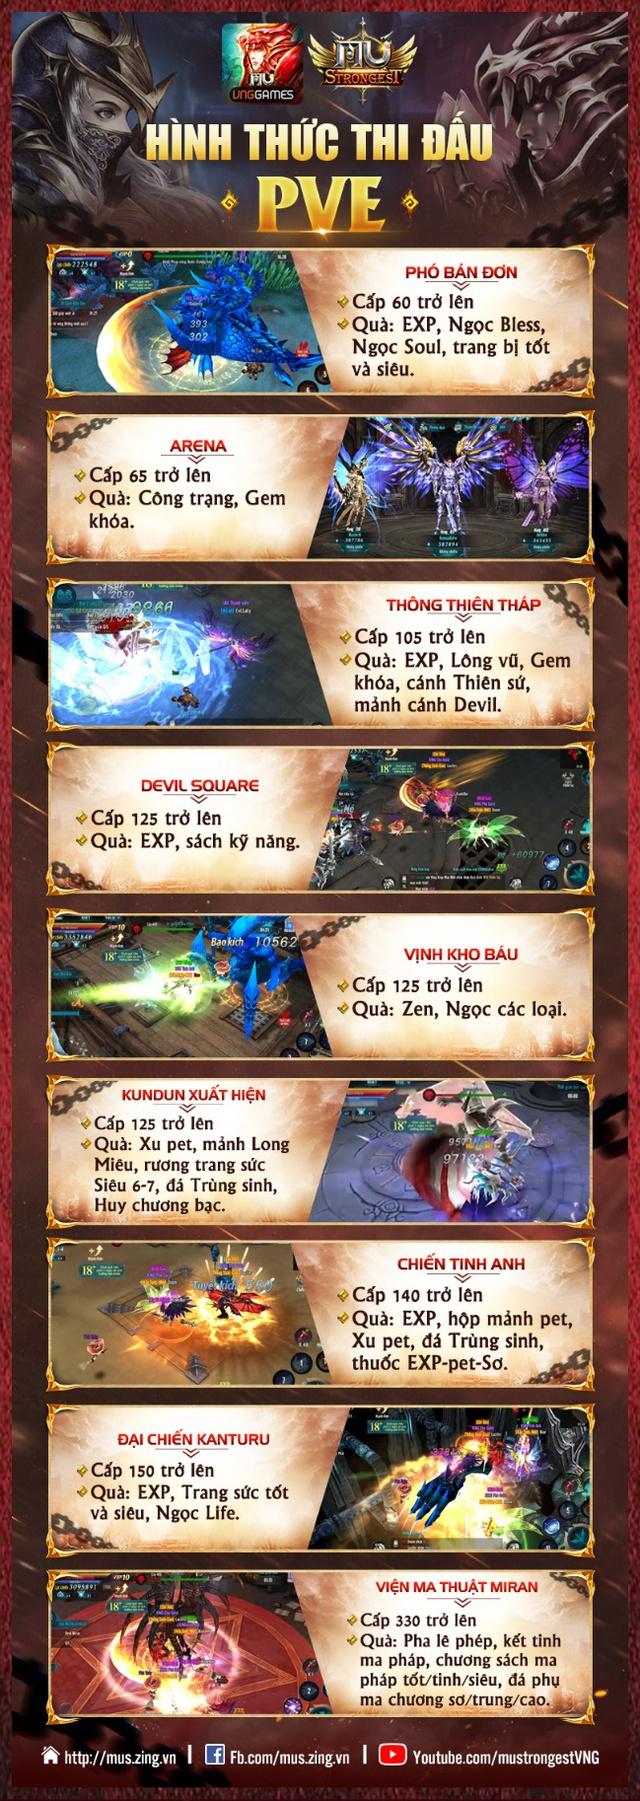 """[Infographic] Game thủ MU Strongest """"choáng loạn"""" vì PvE và PvP - ảnh 1"""